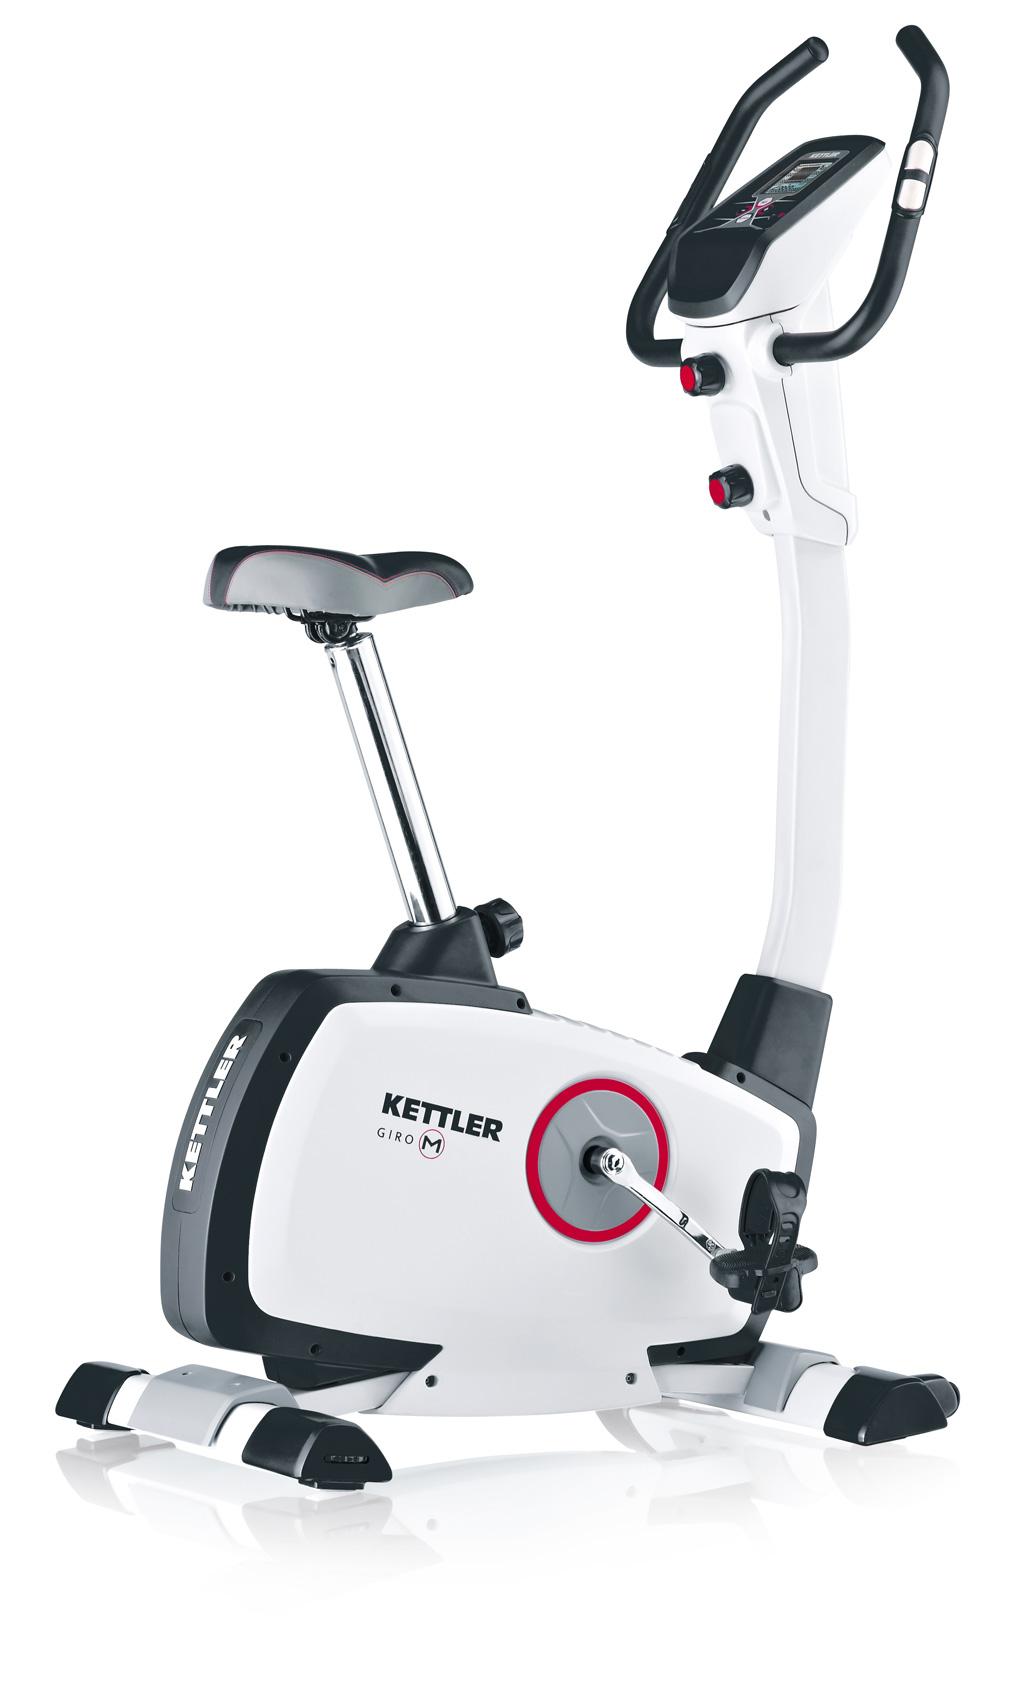 Kettler Giro M szobakerékpár